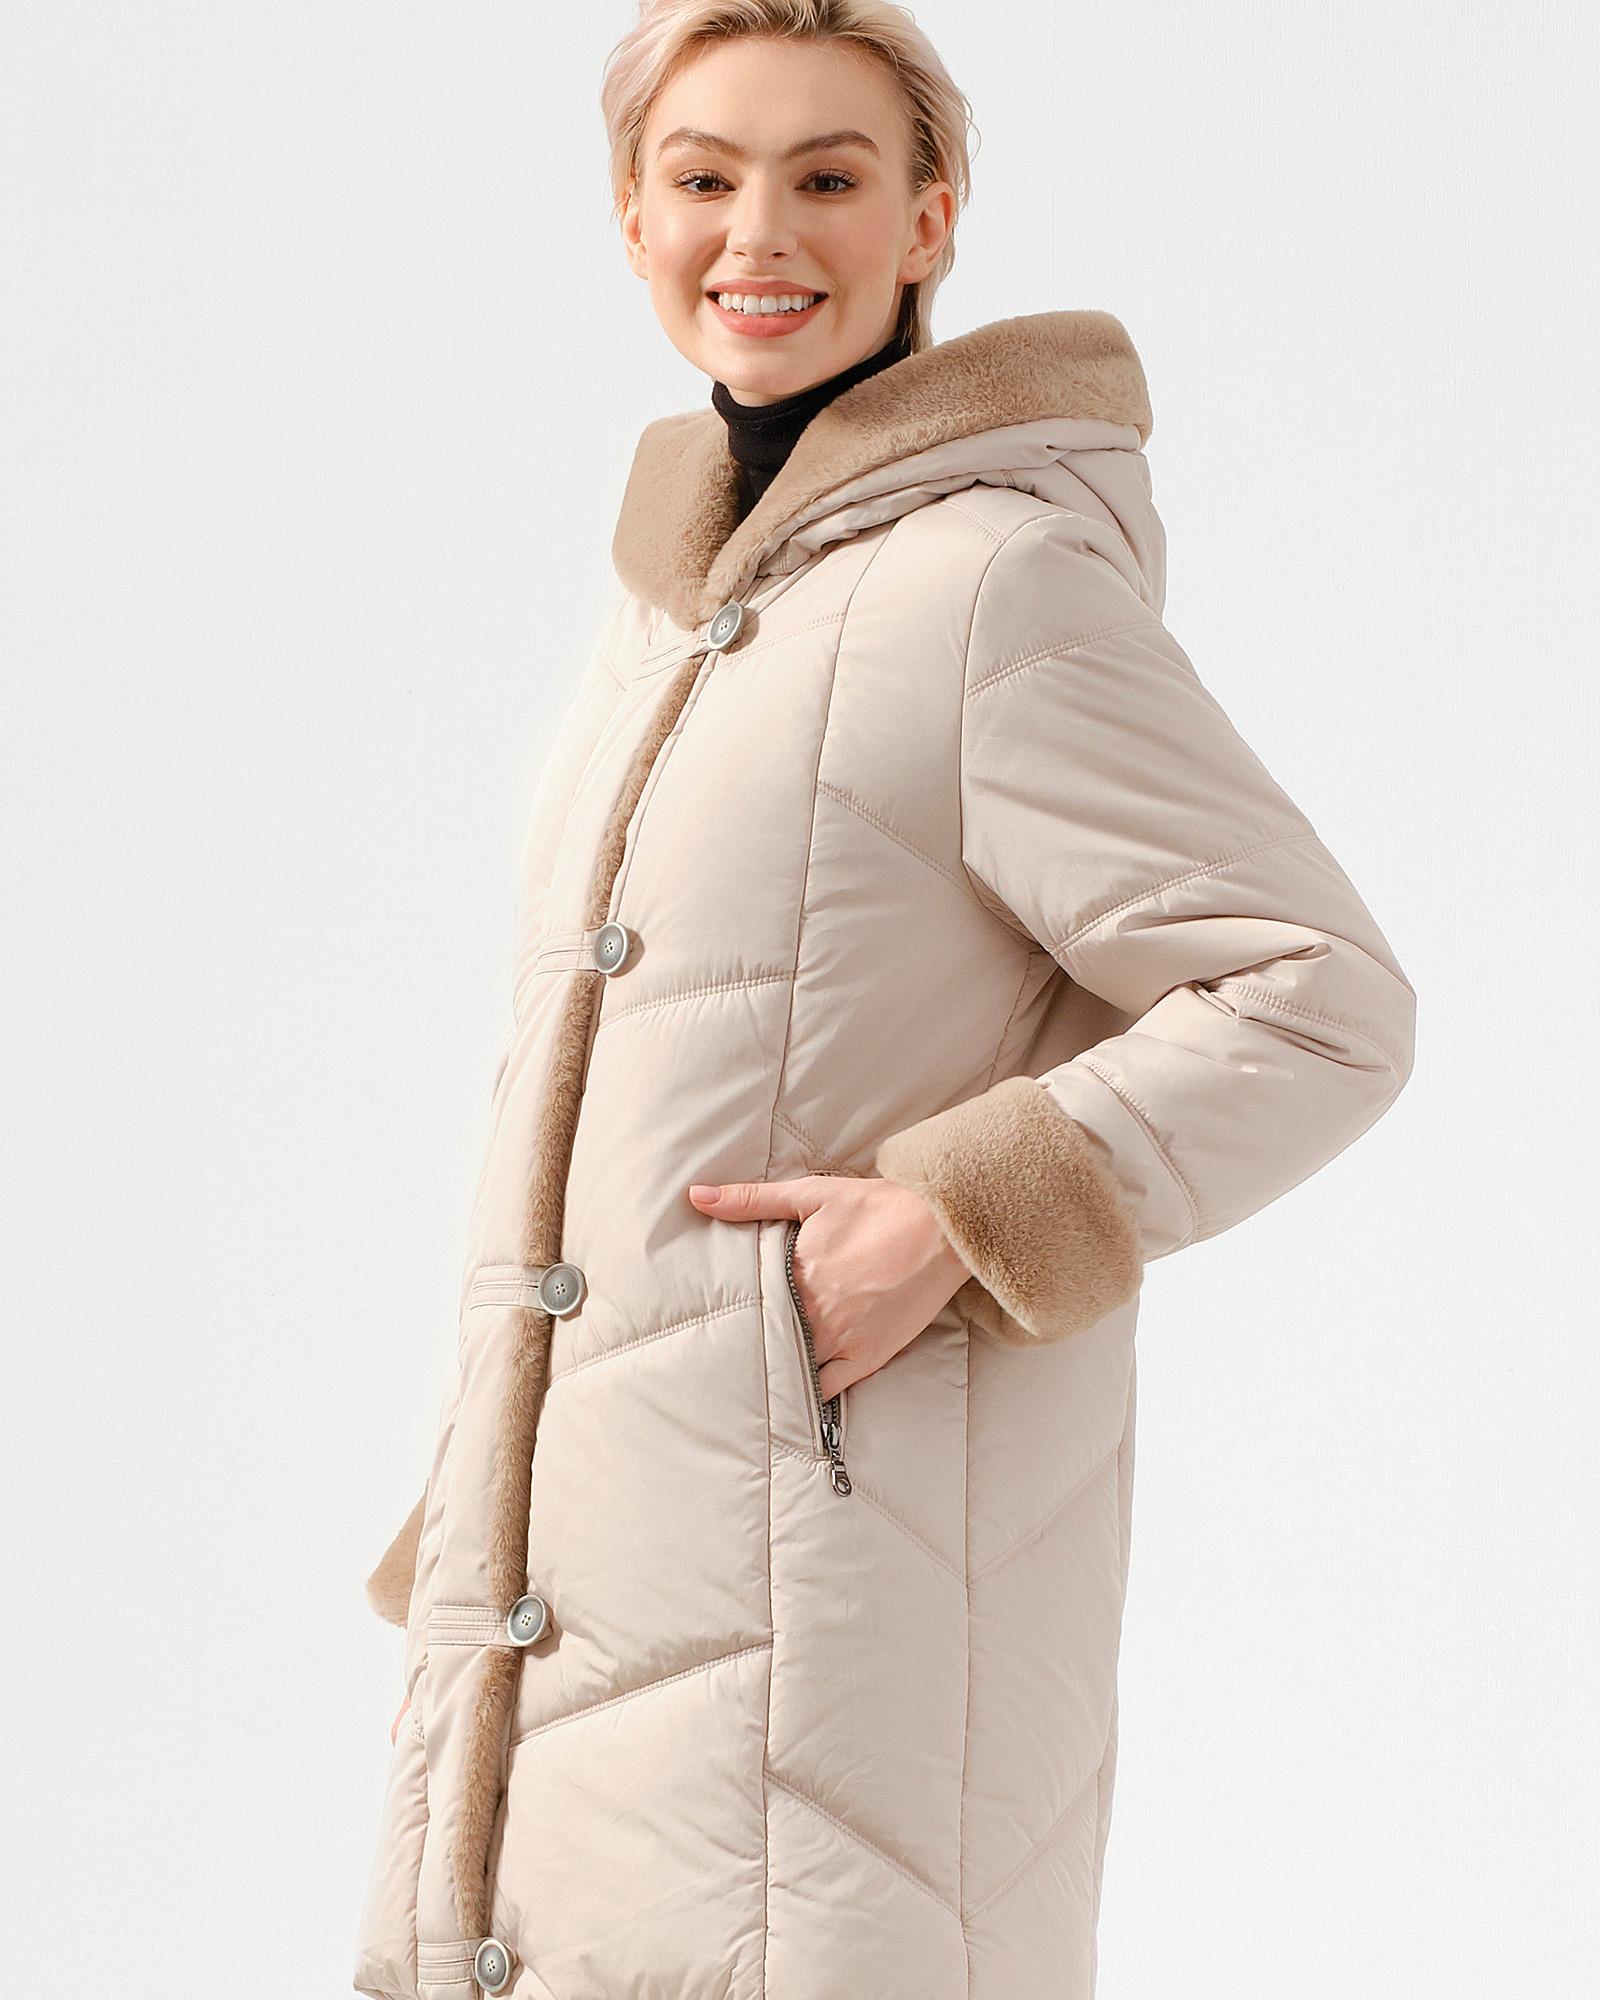 Пальто Dixi Coat Модель 5968-121 Осень-Зима 2020/2021